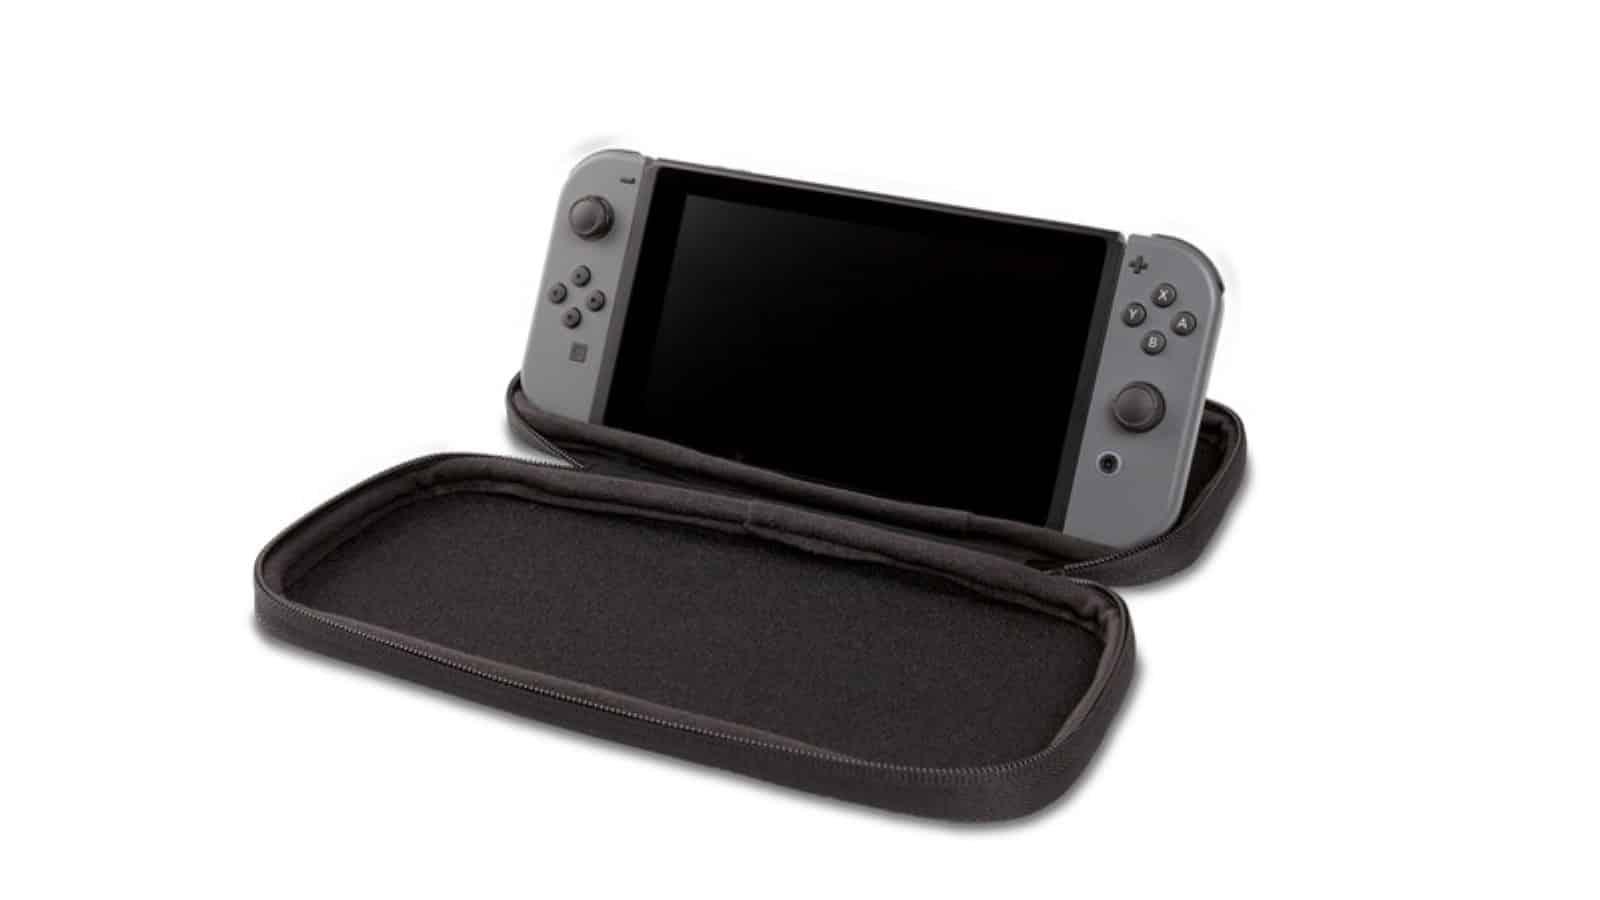 נרתיק נשיאה לנינטנדו סוויץ' בעיצוב לינק ממשחקי The Legend of Zelda - קונסולה עומדת 1